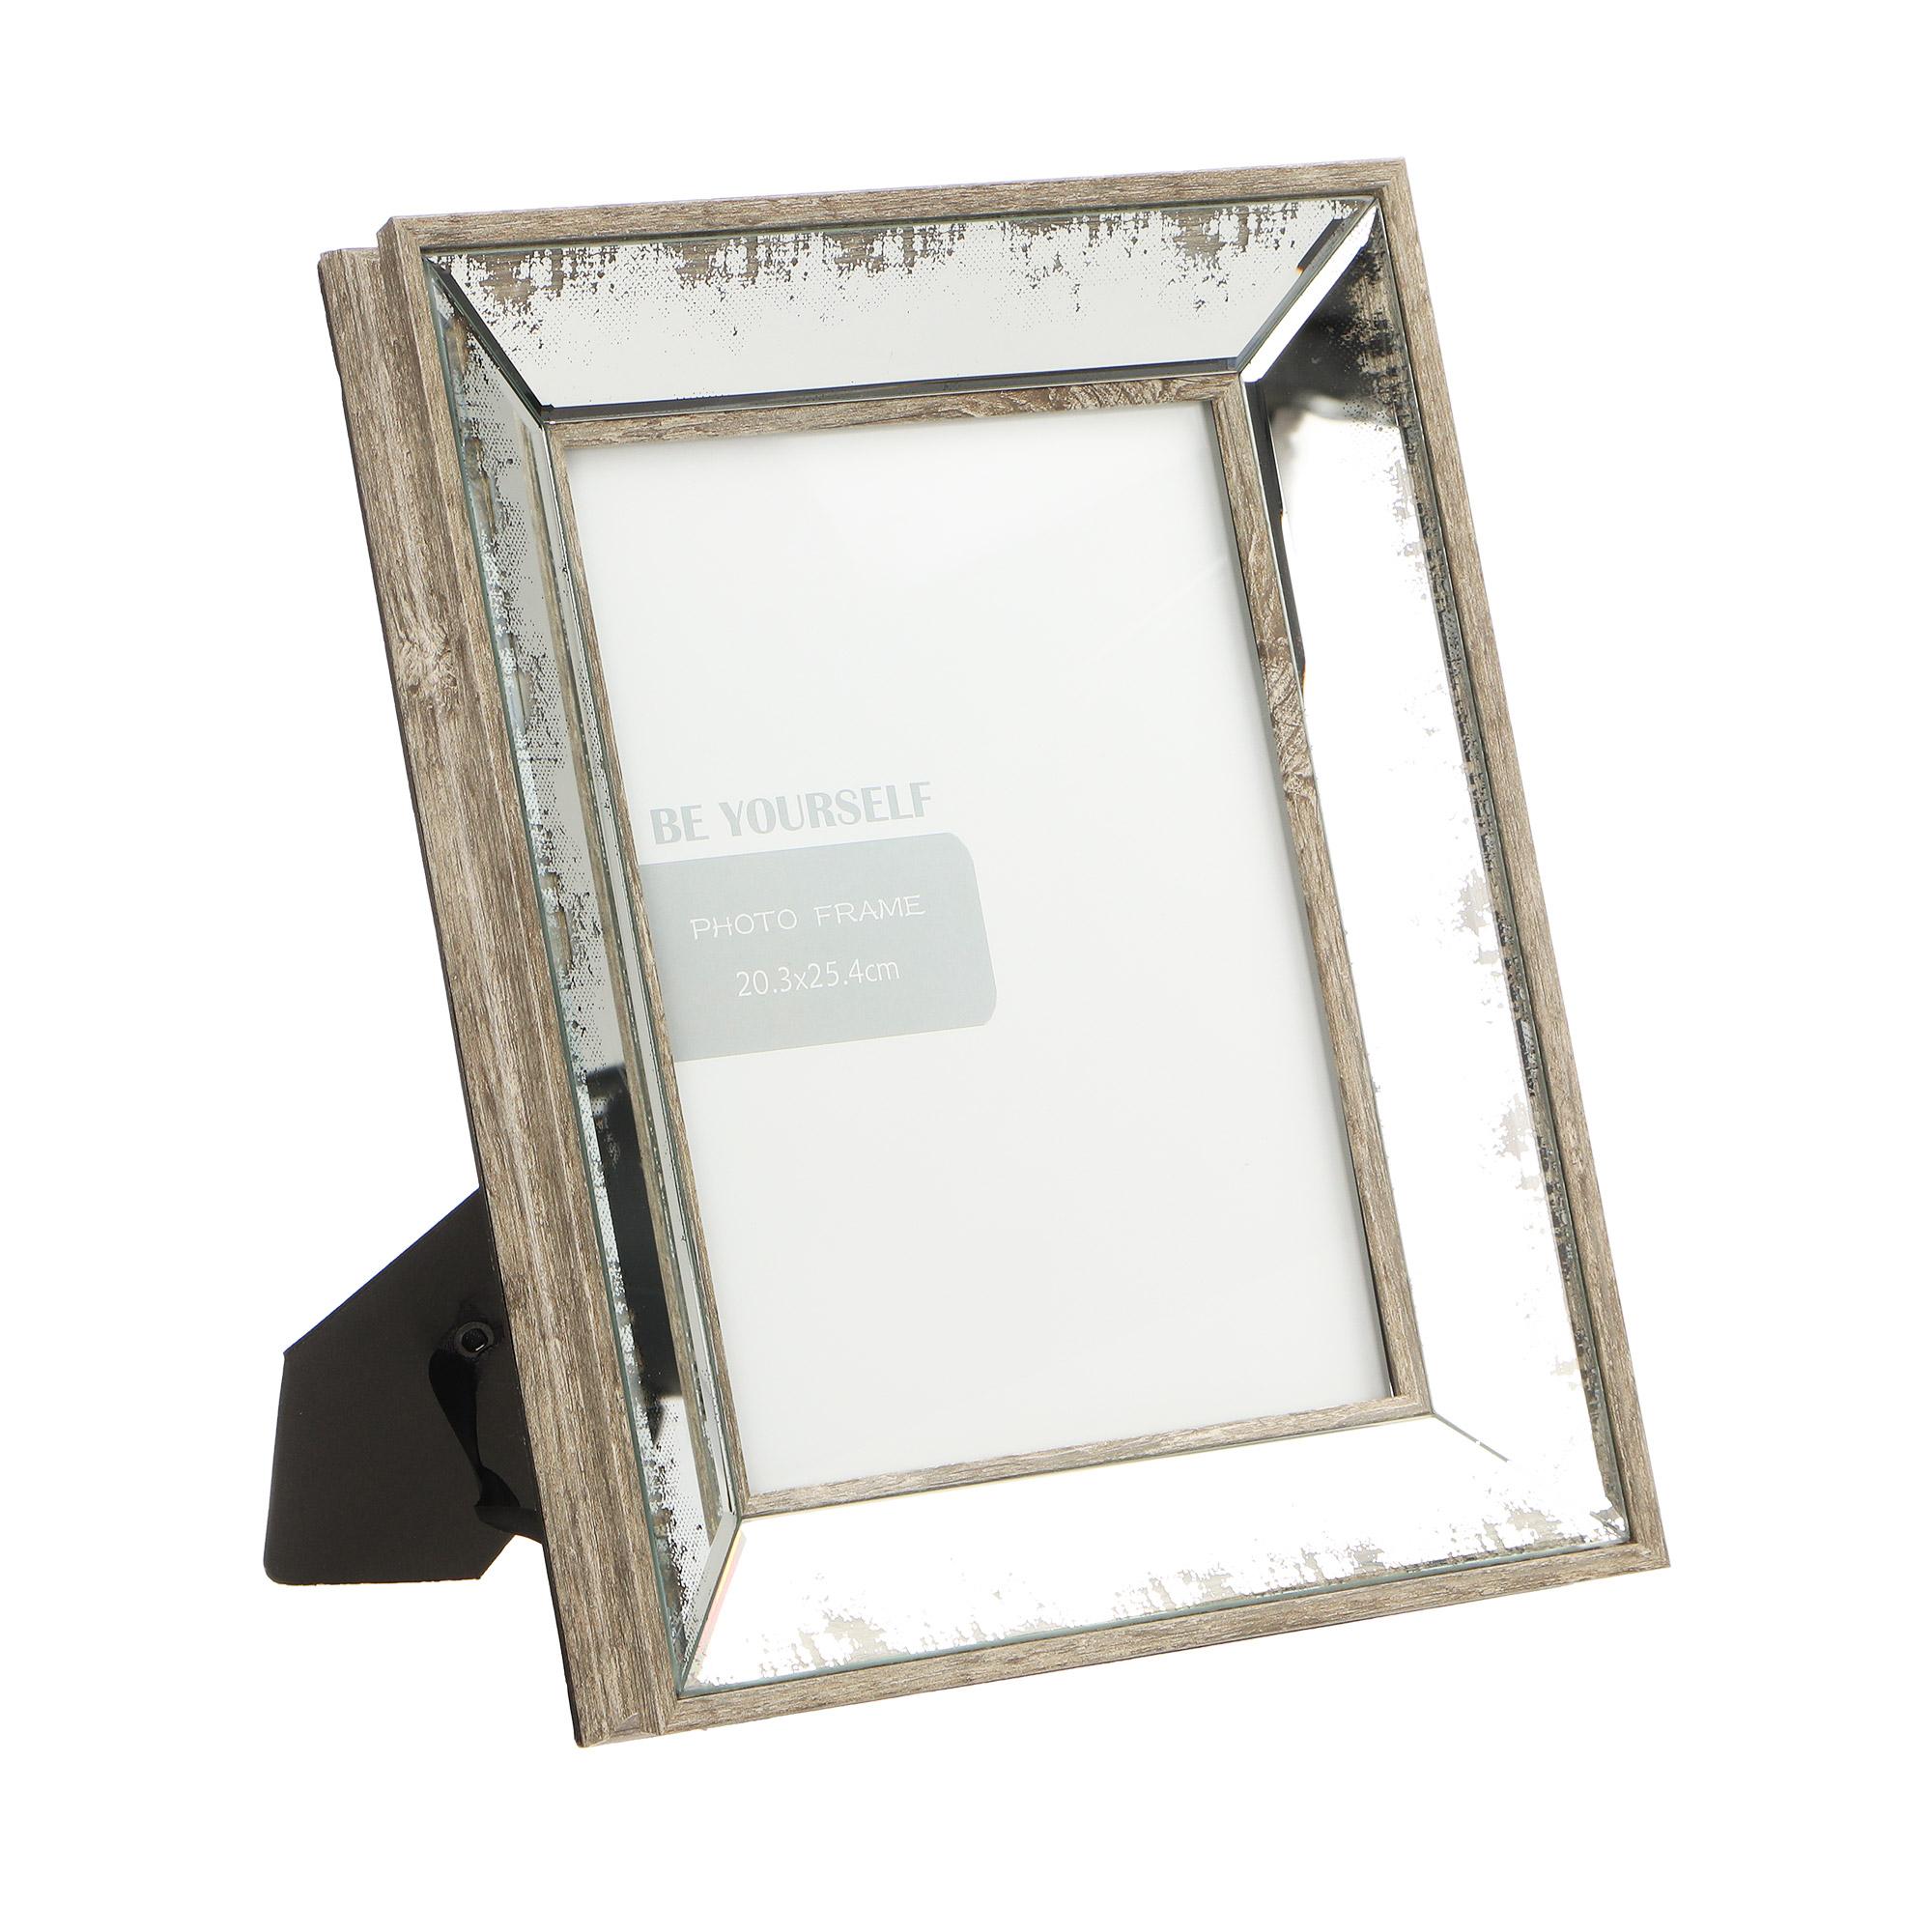 Фоторамка зеркальная H.. Frames 29.1х34.2х3.7см для фото 20х25